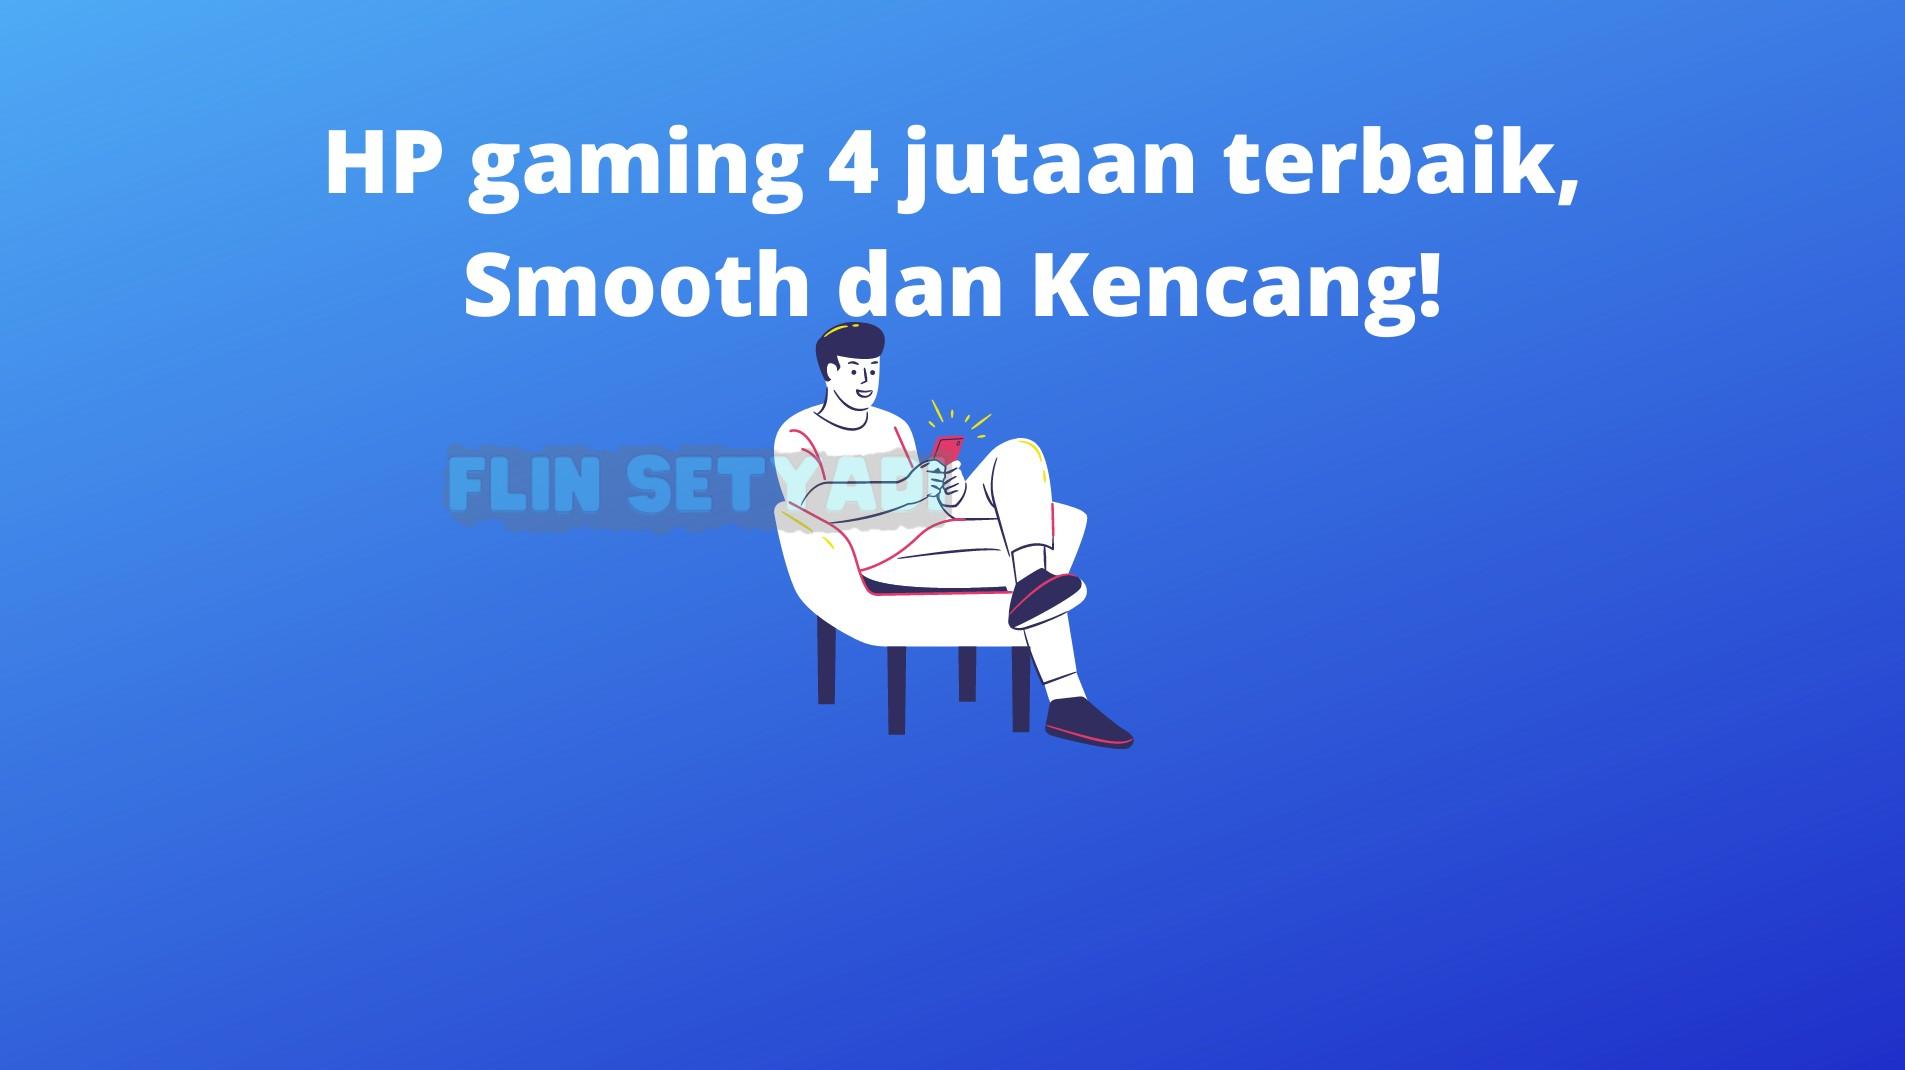 HP gaming 4 jutaan terbaik, Smooth dan Kencang!